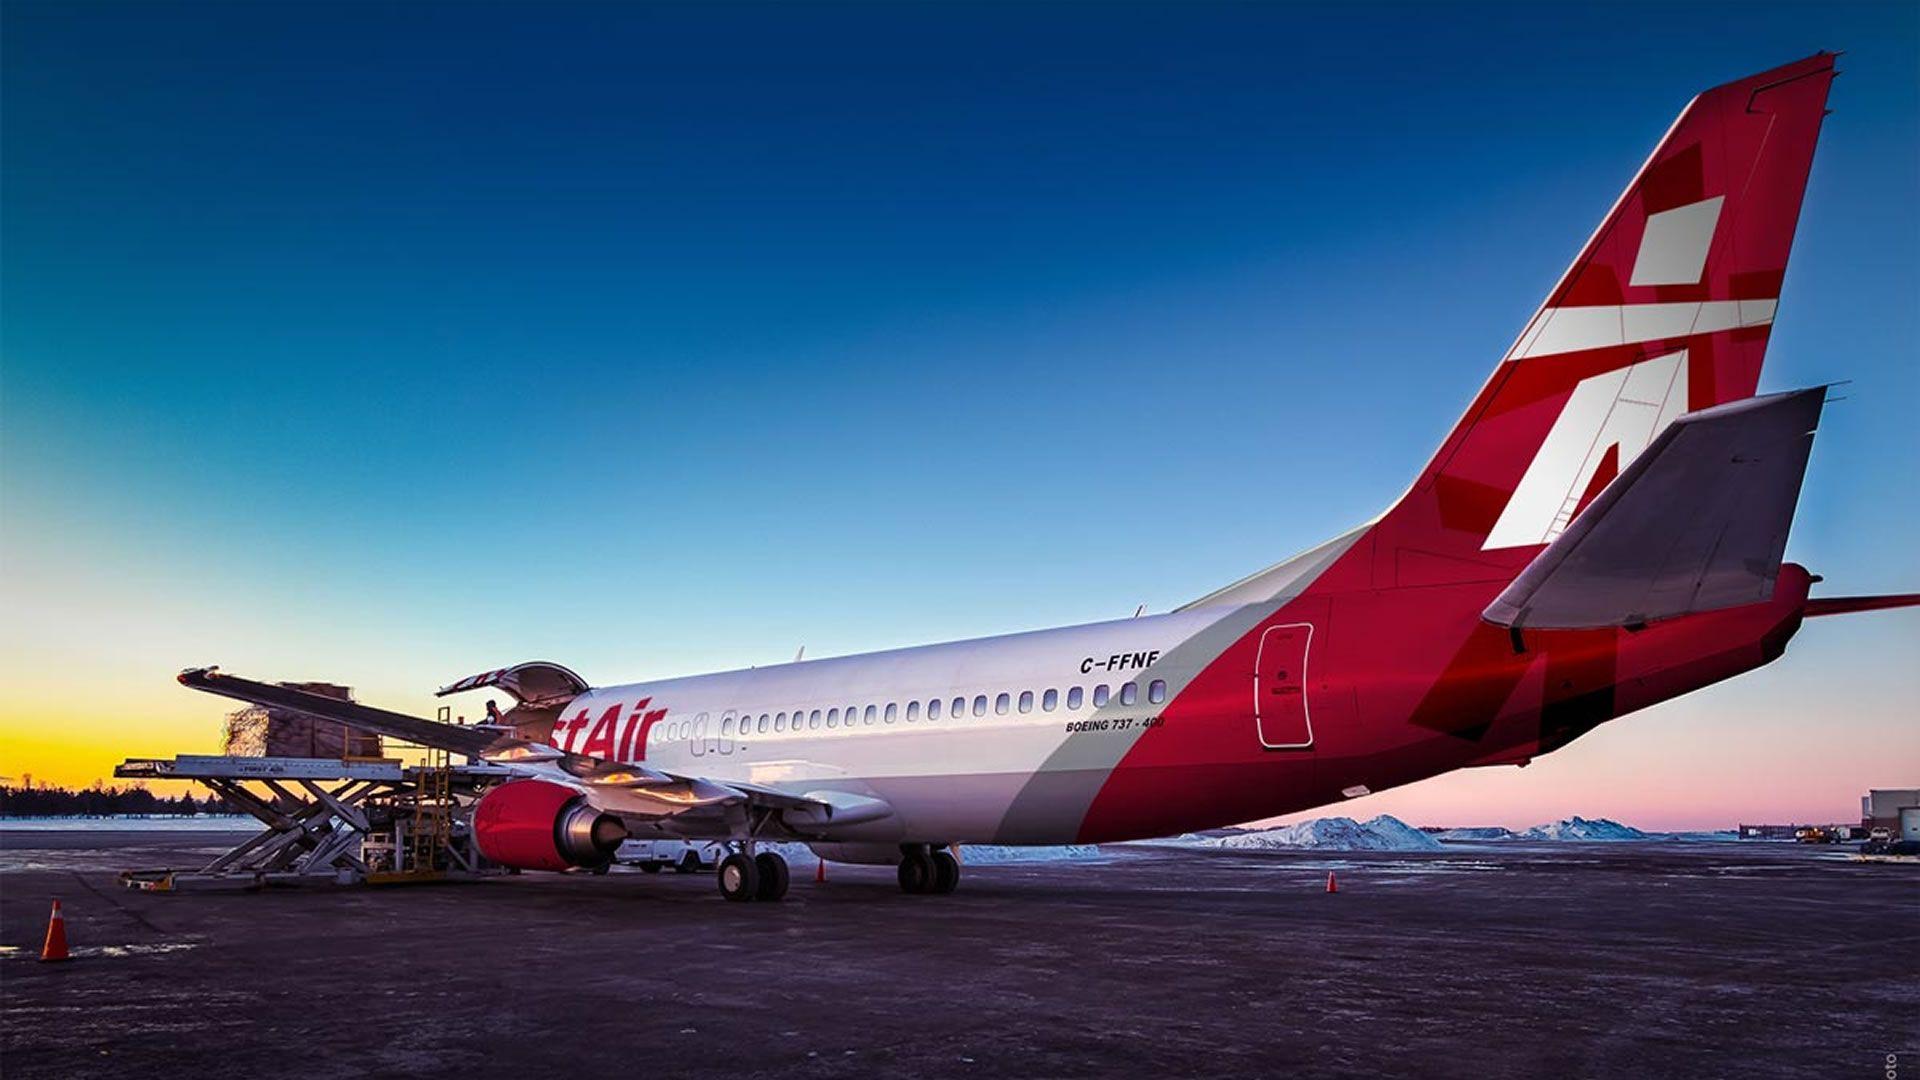 ¿Es posible subirse al avión equivocado? La respuesta es Sí